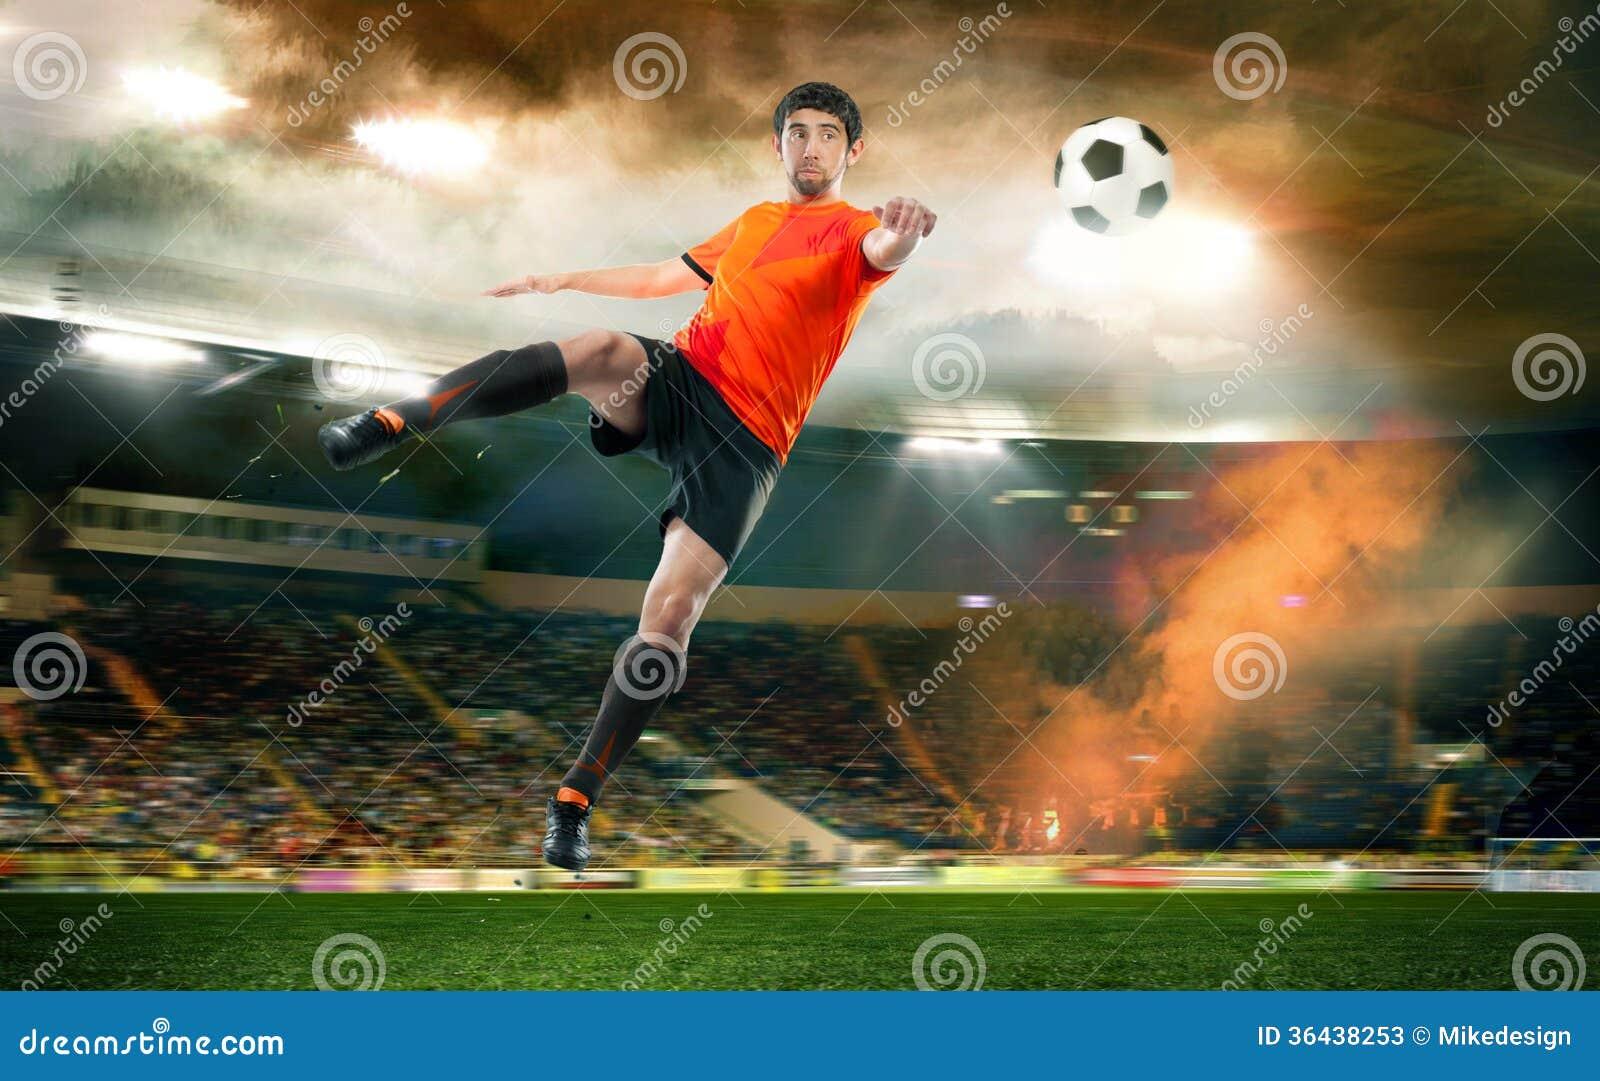 触击球的足球运动员在体育场